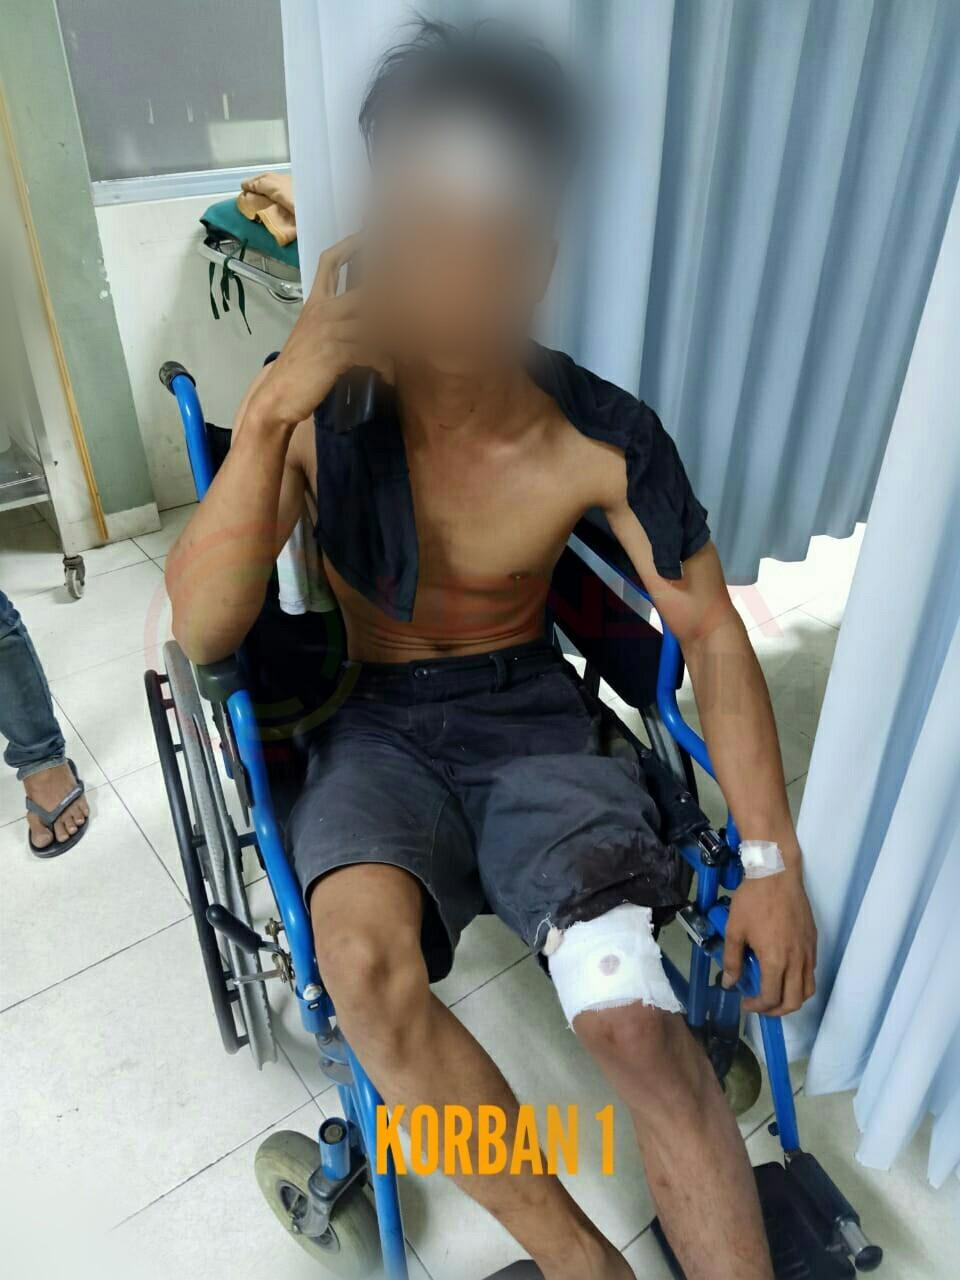 LensaHukum.co.id - IMG 20190812 WA0001 - Akibat Cemburu Seorang Pemuda Nekat Menganiaya Mantan Pacarnya Dengan Senapan Angin